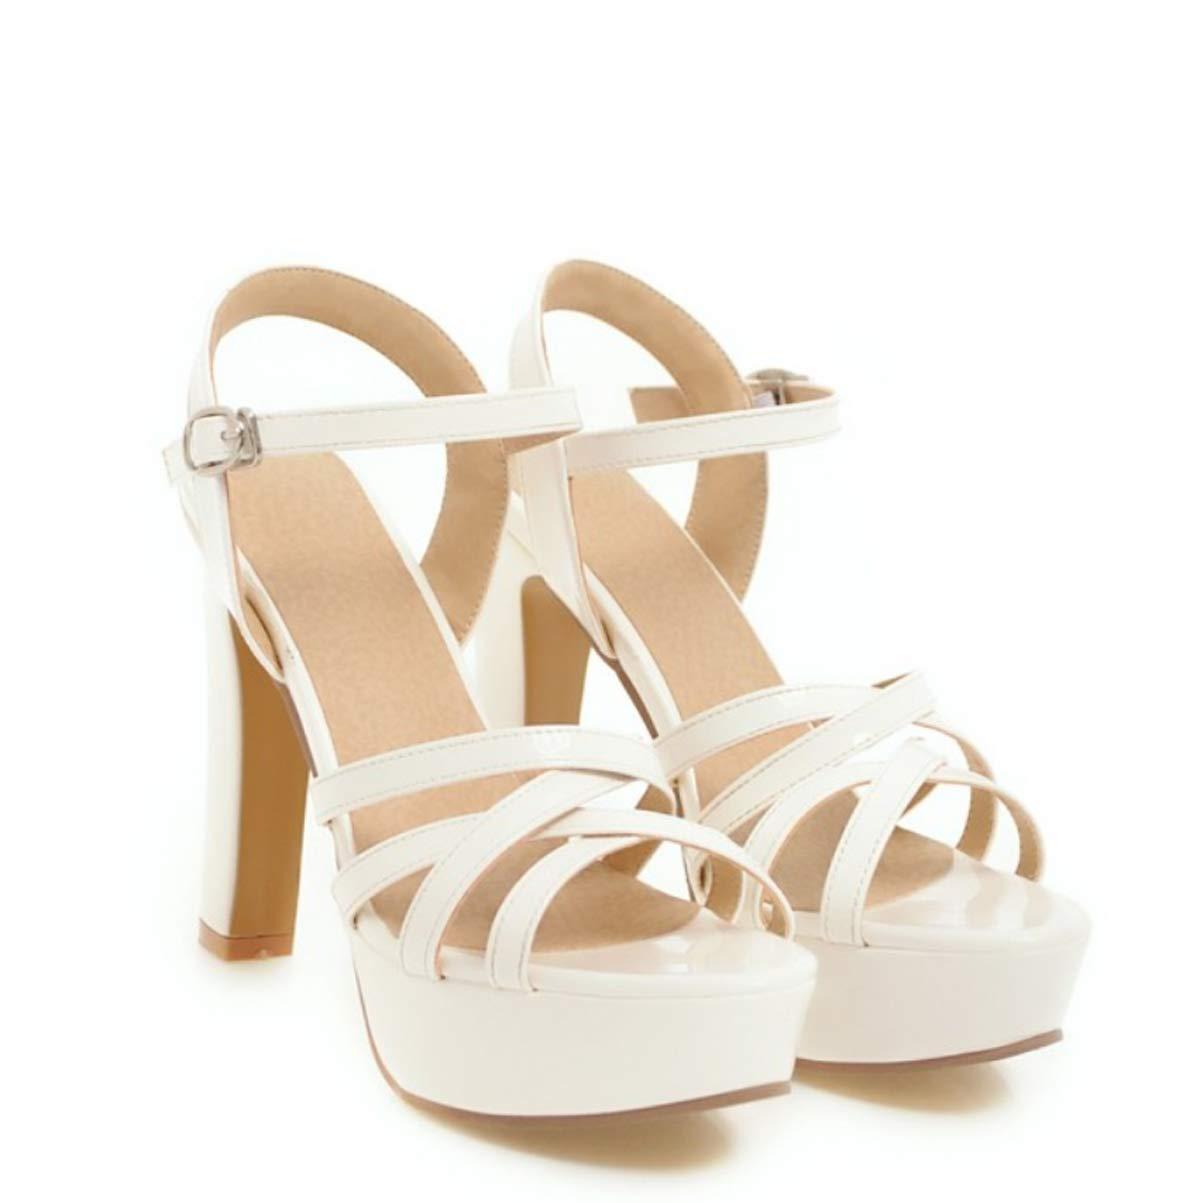 HBDLH Damenschuhe/Sommer 12Cm High-Heel der Den Sandaleen Mode Roughheels Wasserdicht Damenschuhe Schnalle Sommer.